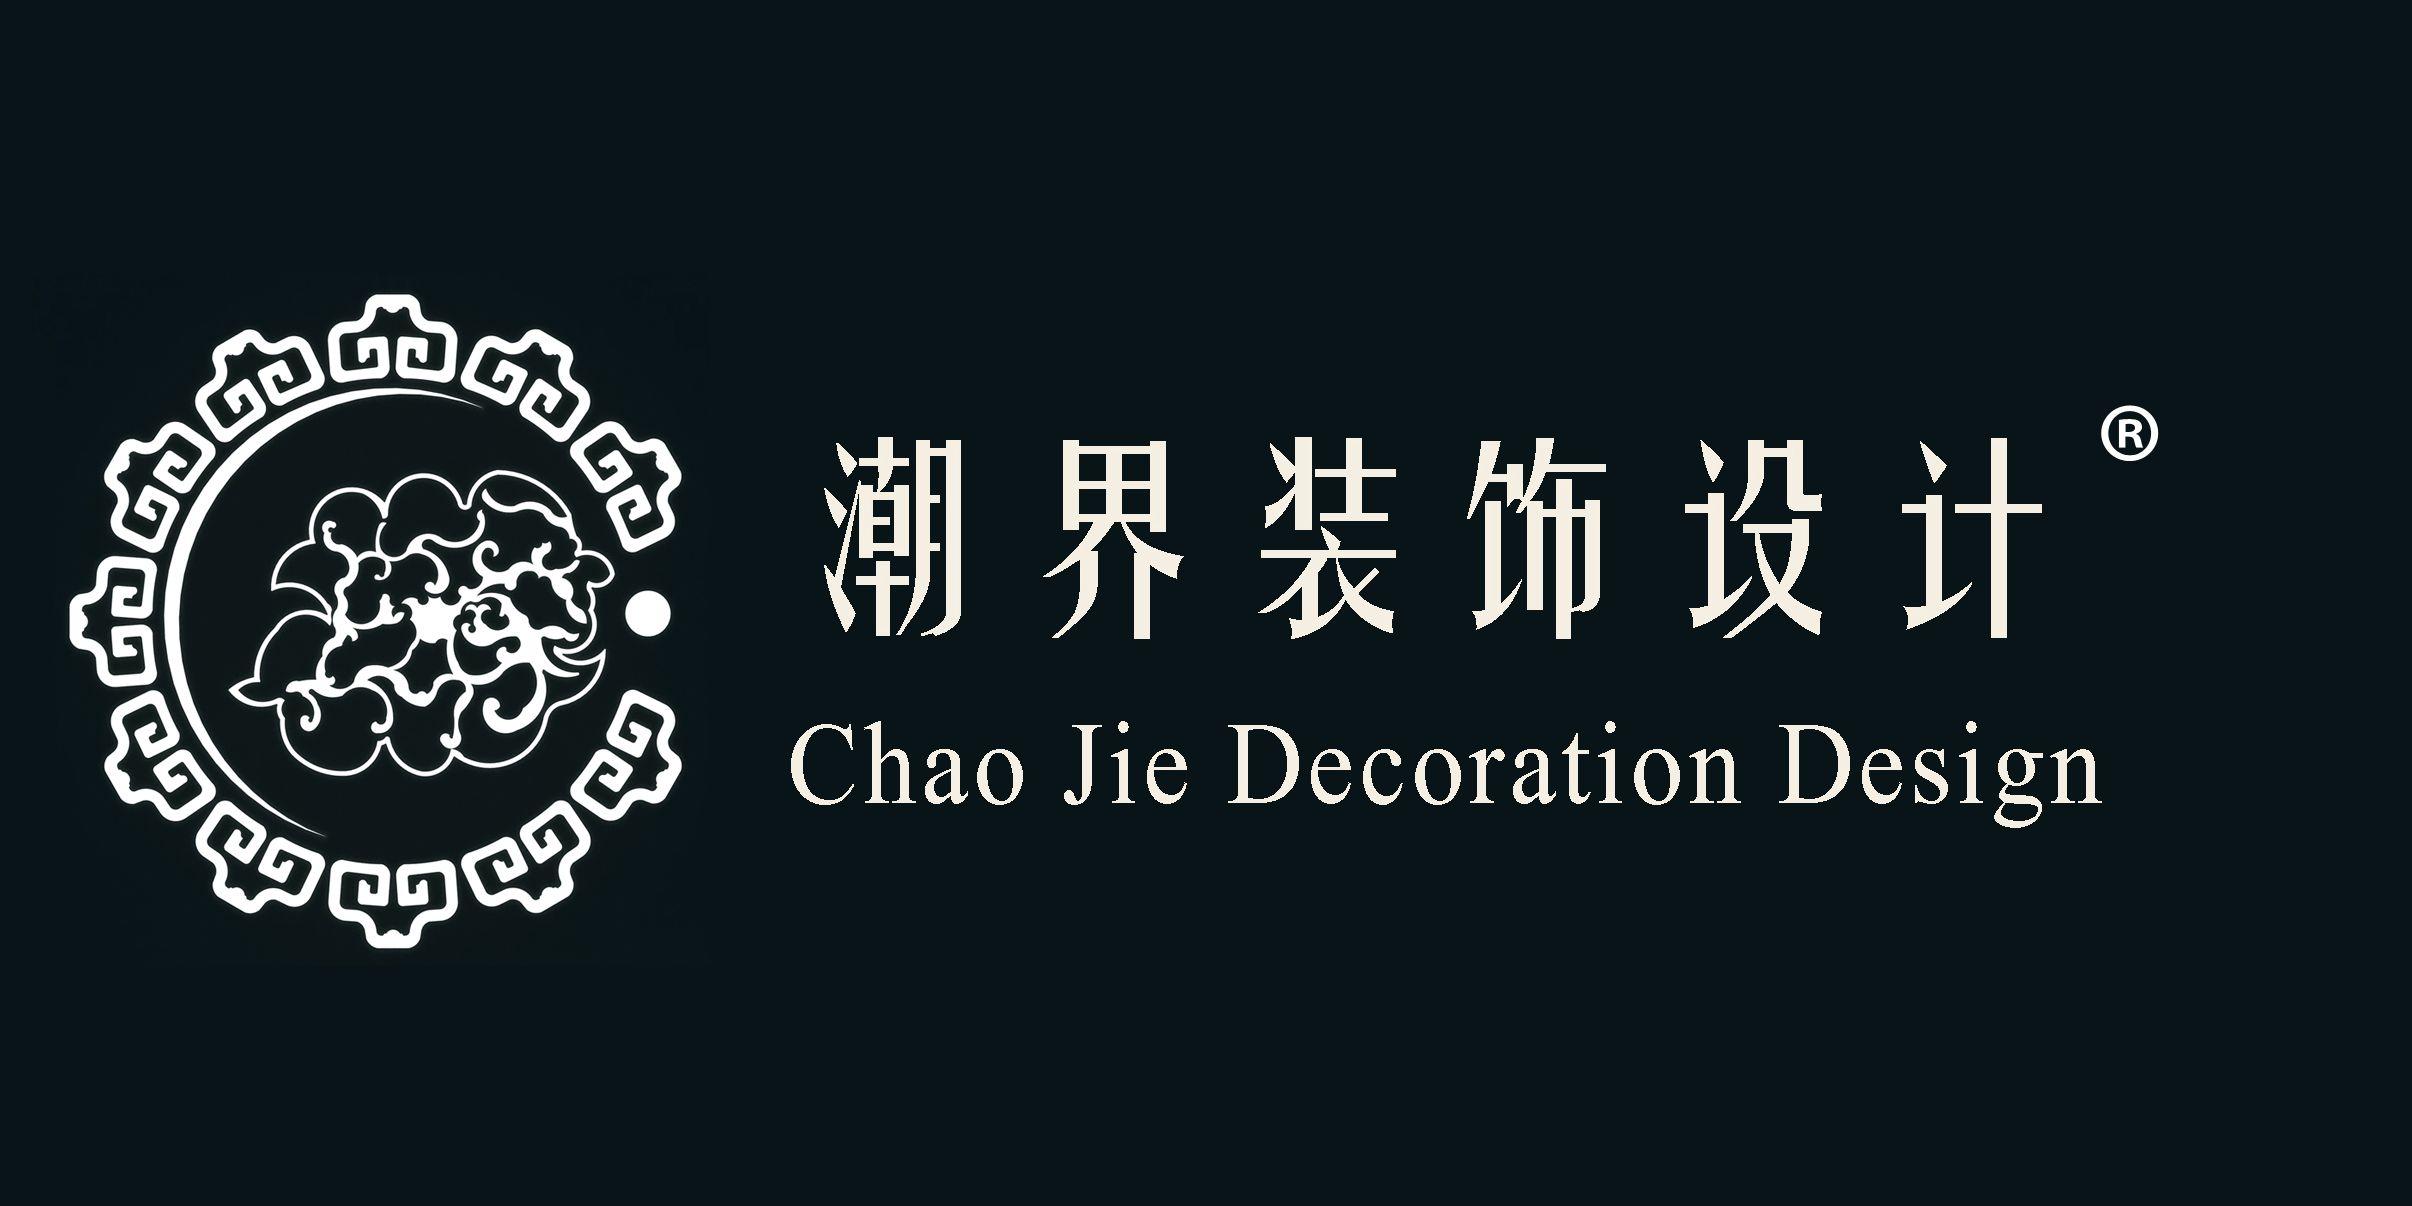 哈尔滨潮界装饰设计有限公司